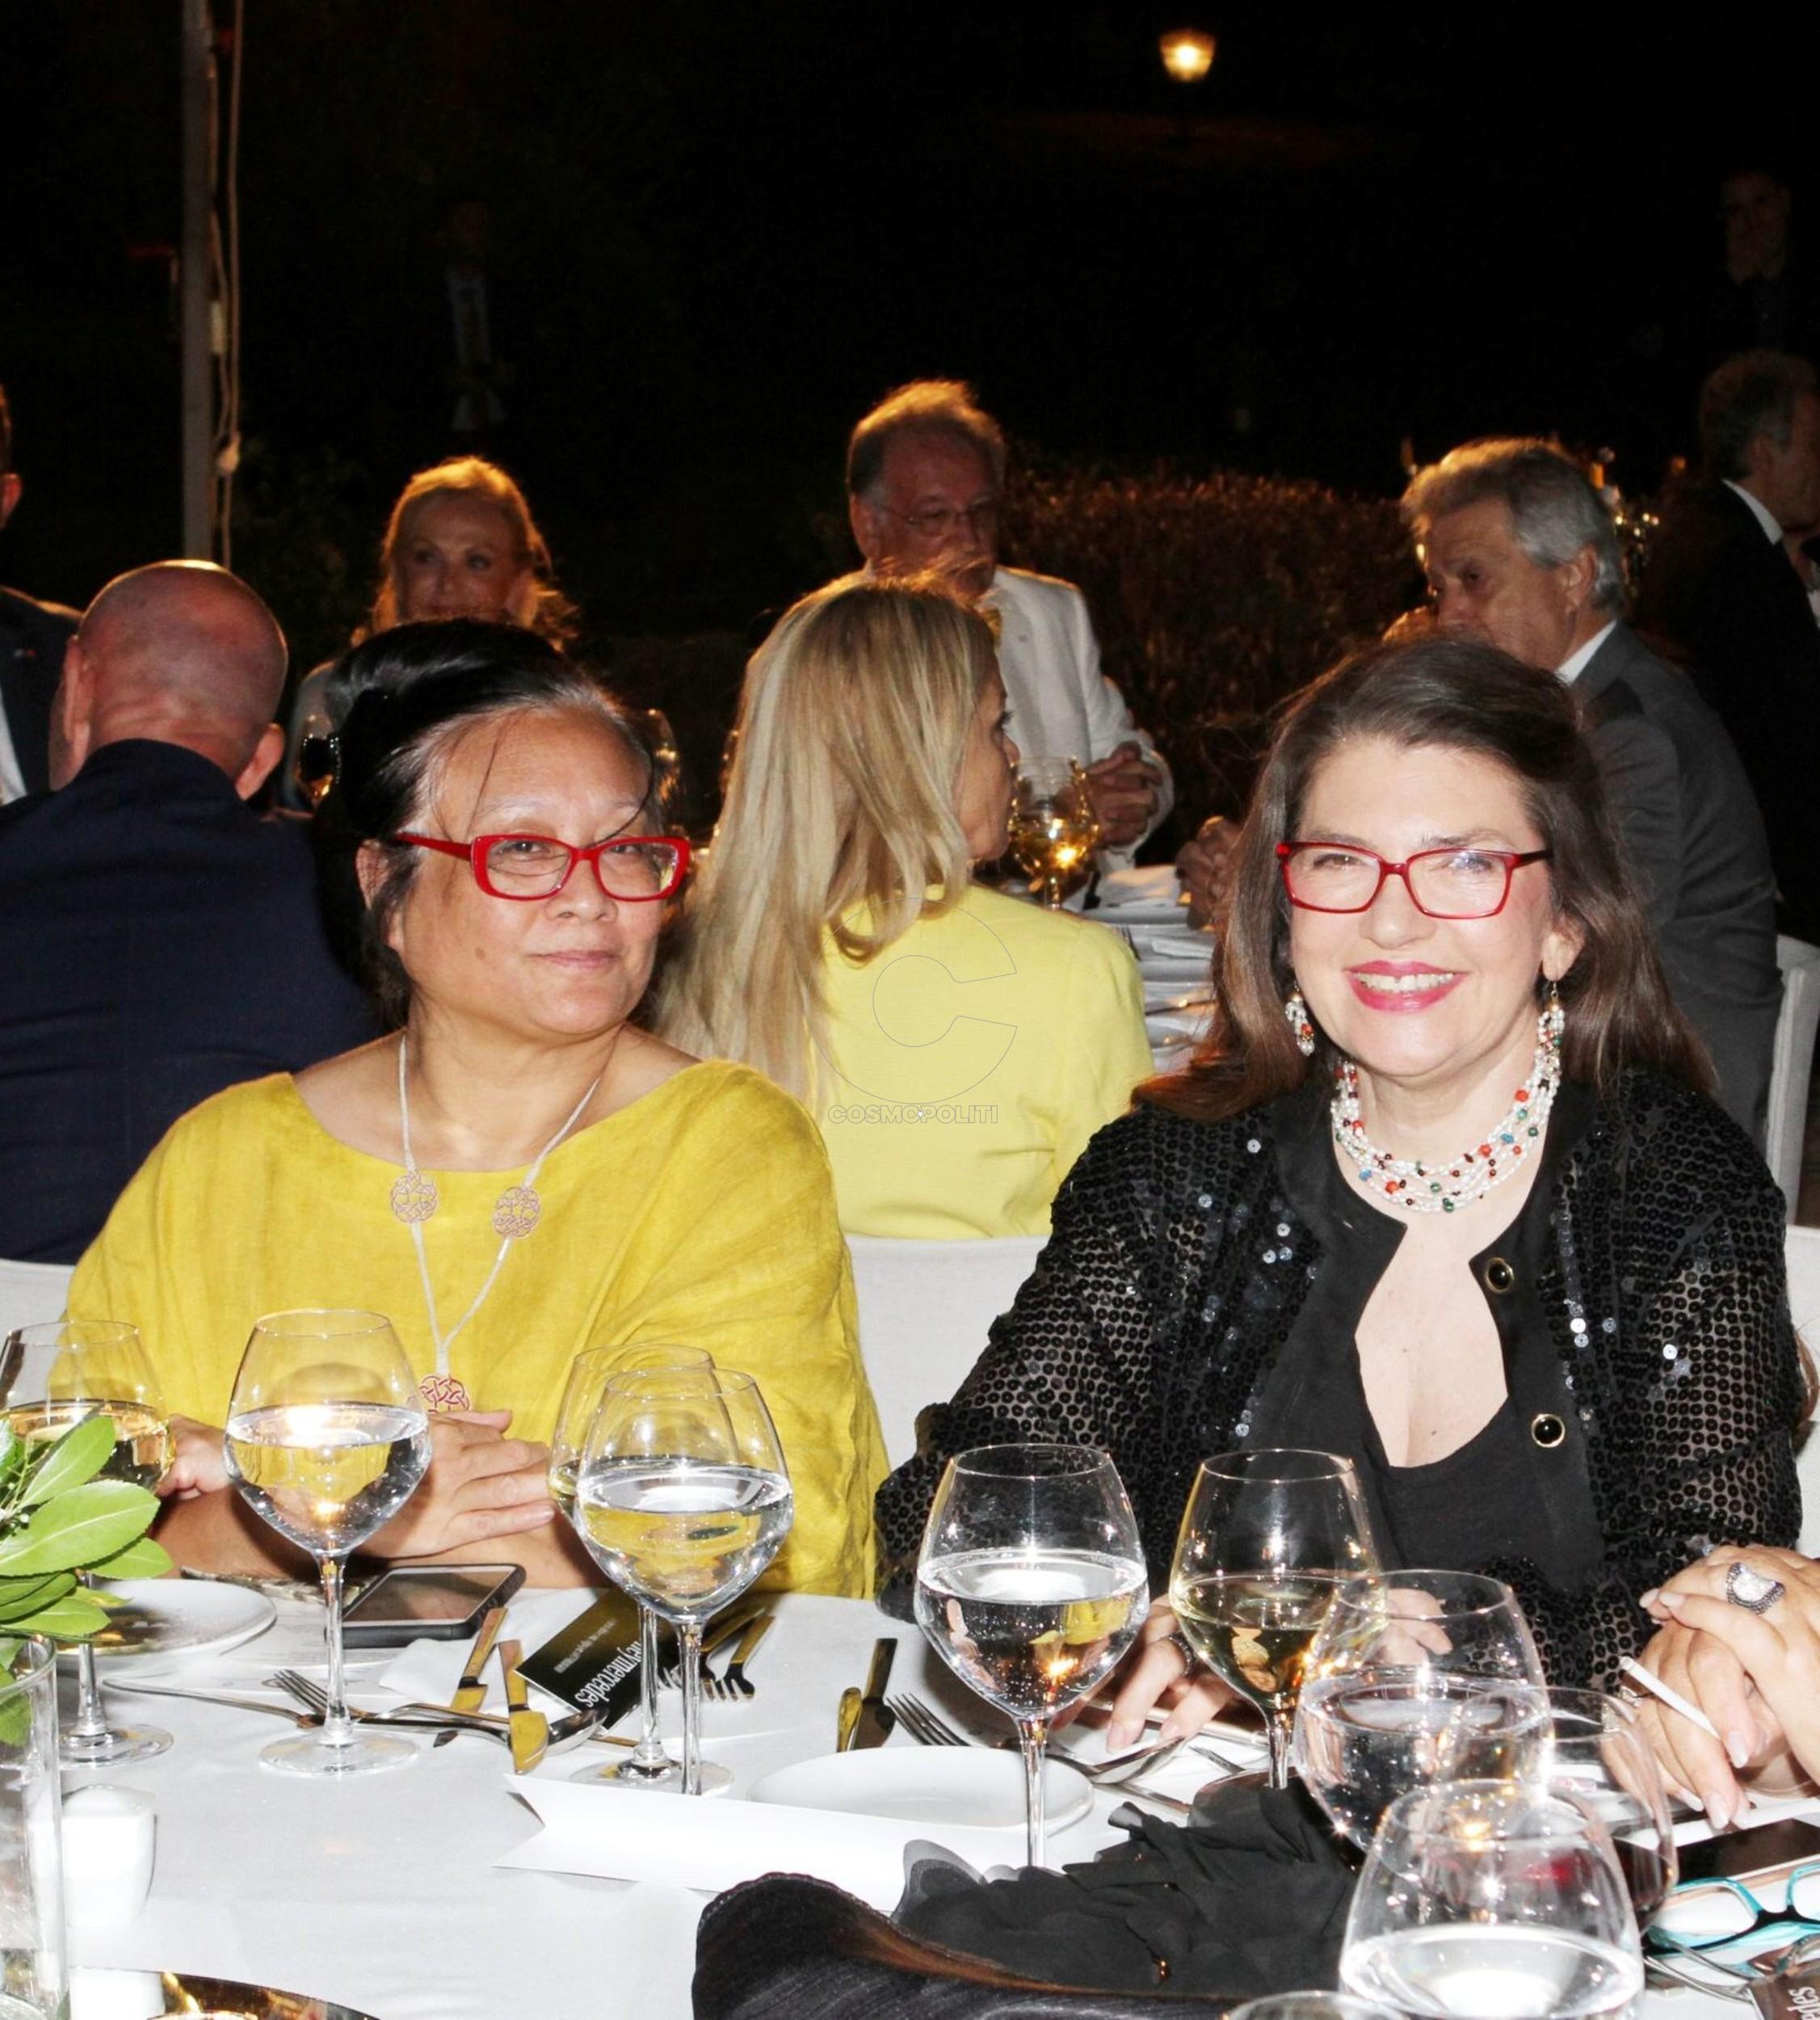 9 Η Πρόξενος Αμερικής Rebecca Fong με την Πρόξενο Πορτογαλίας Αίνη Μιχαηλίδου